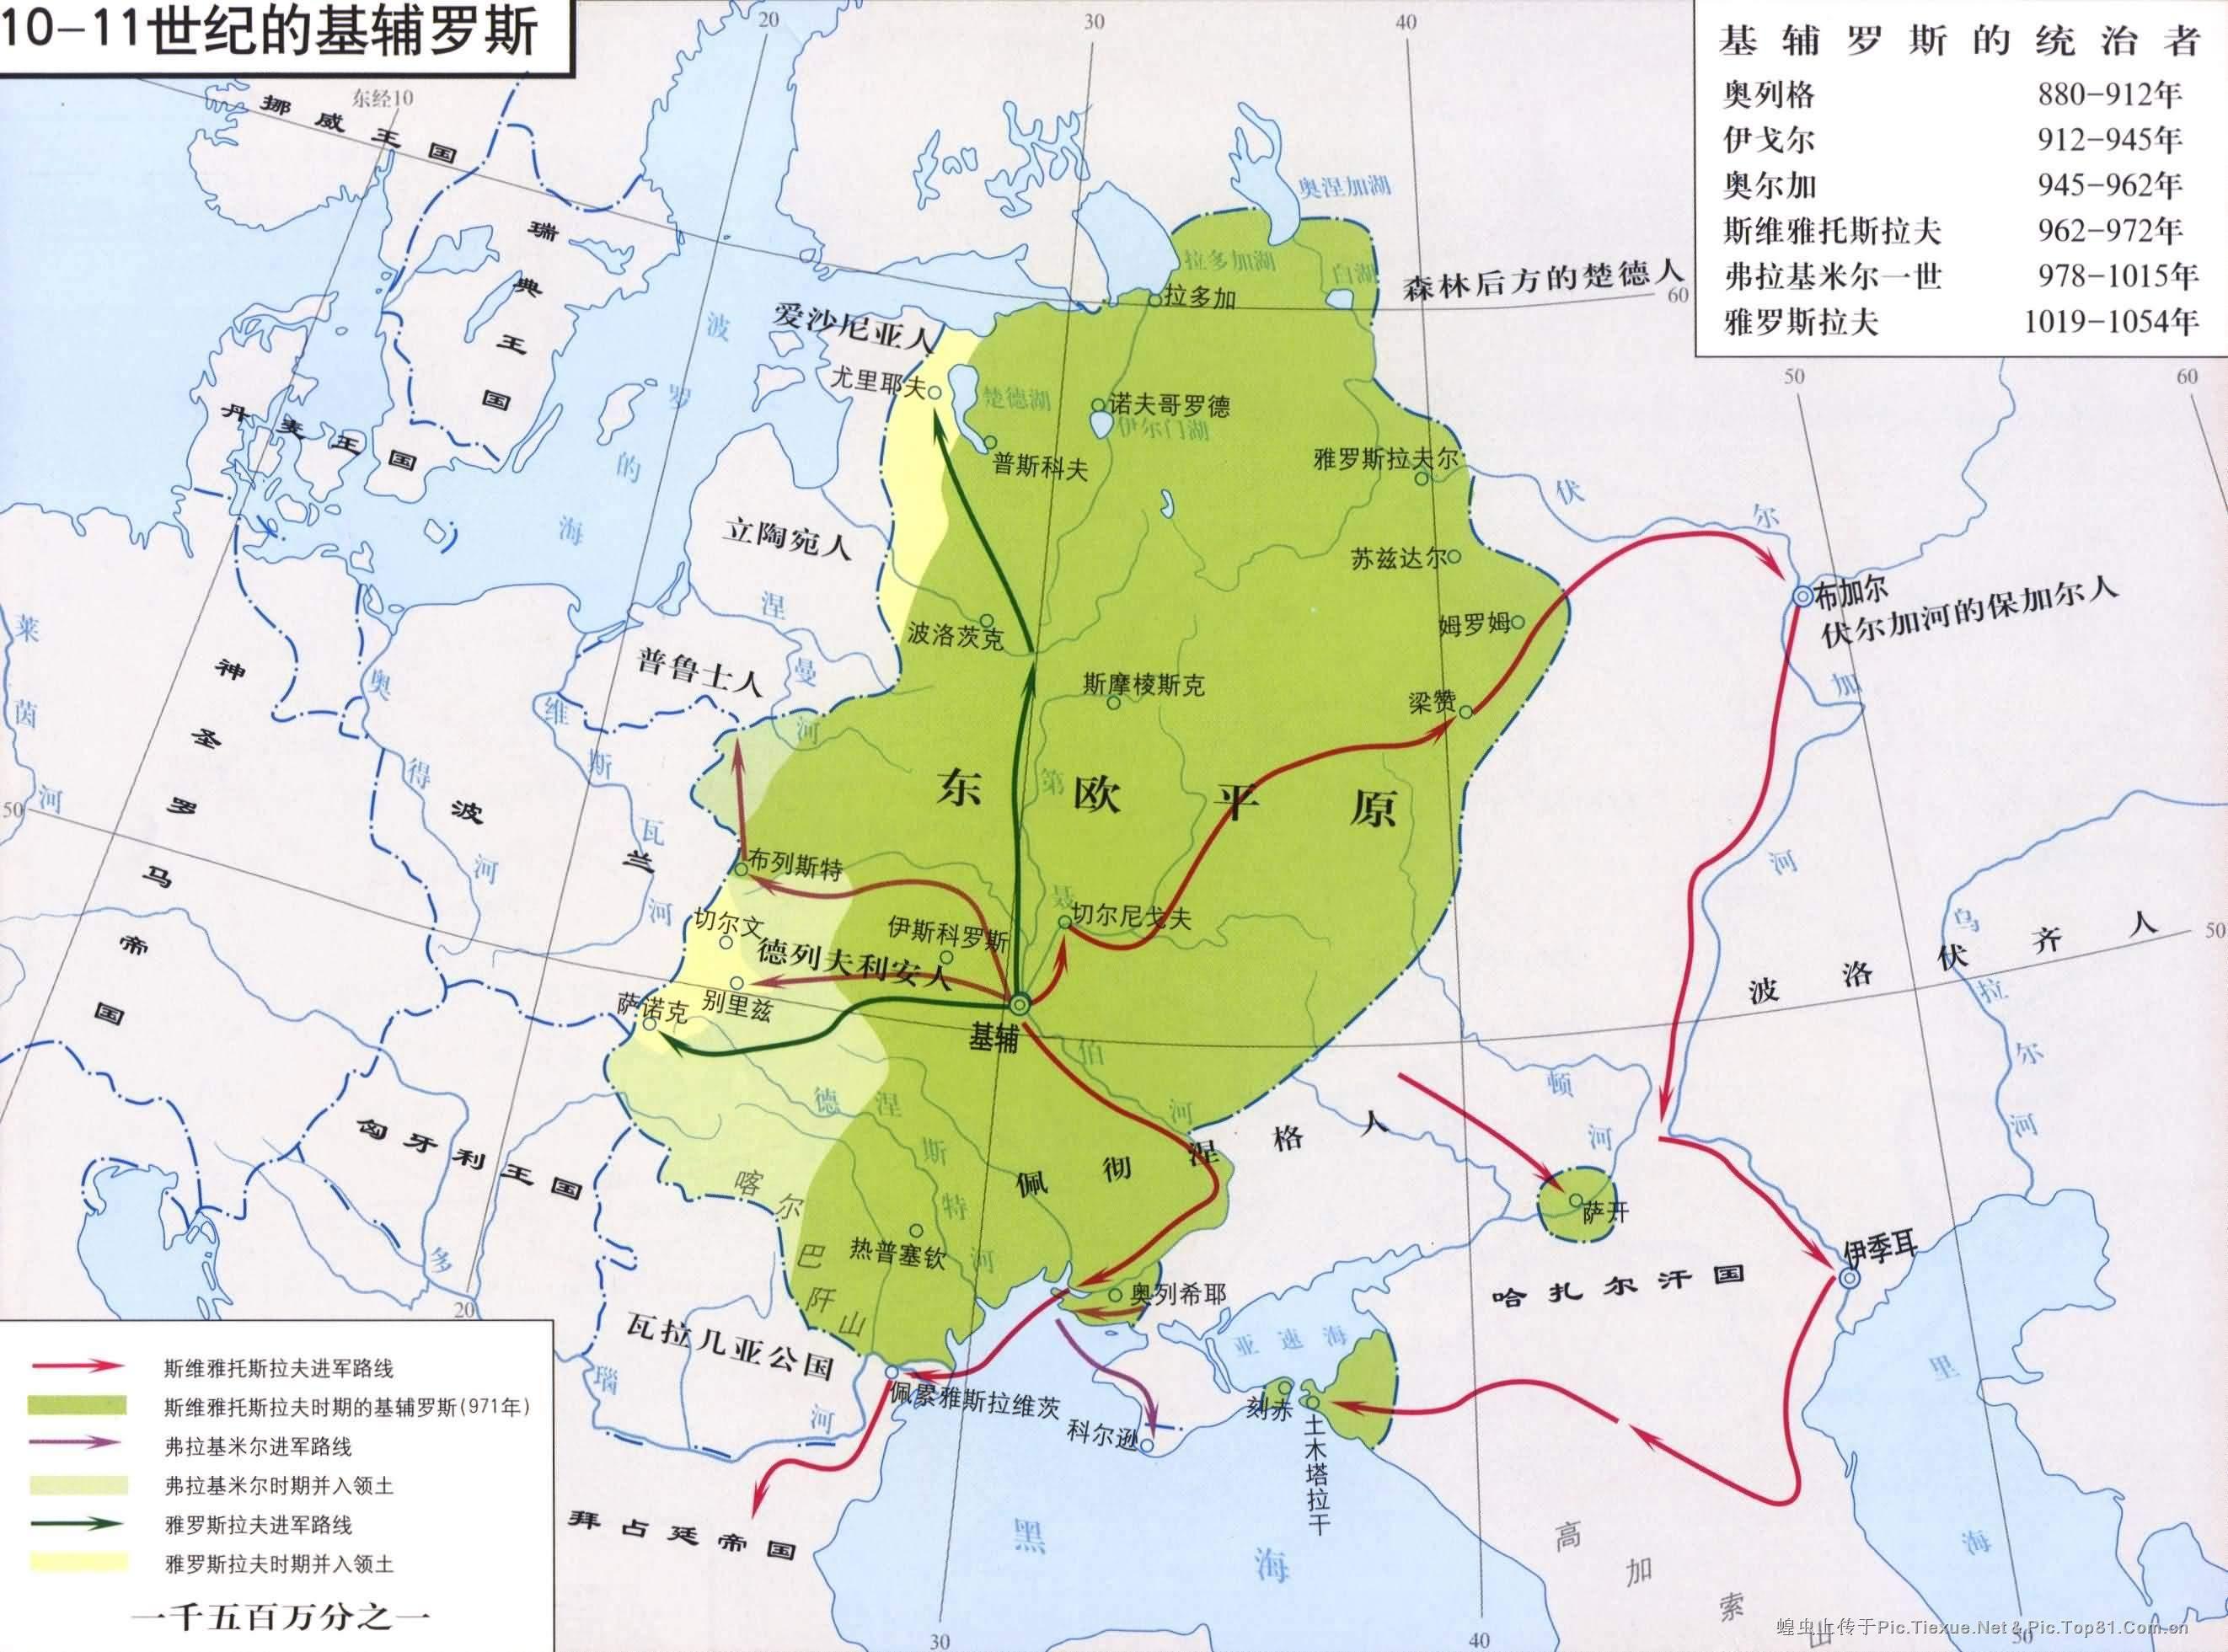 东至县有多少人口_东至县现在有多少人口